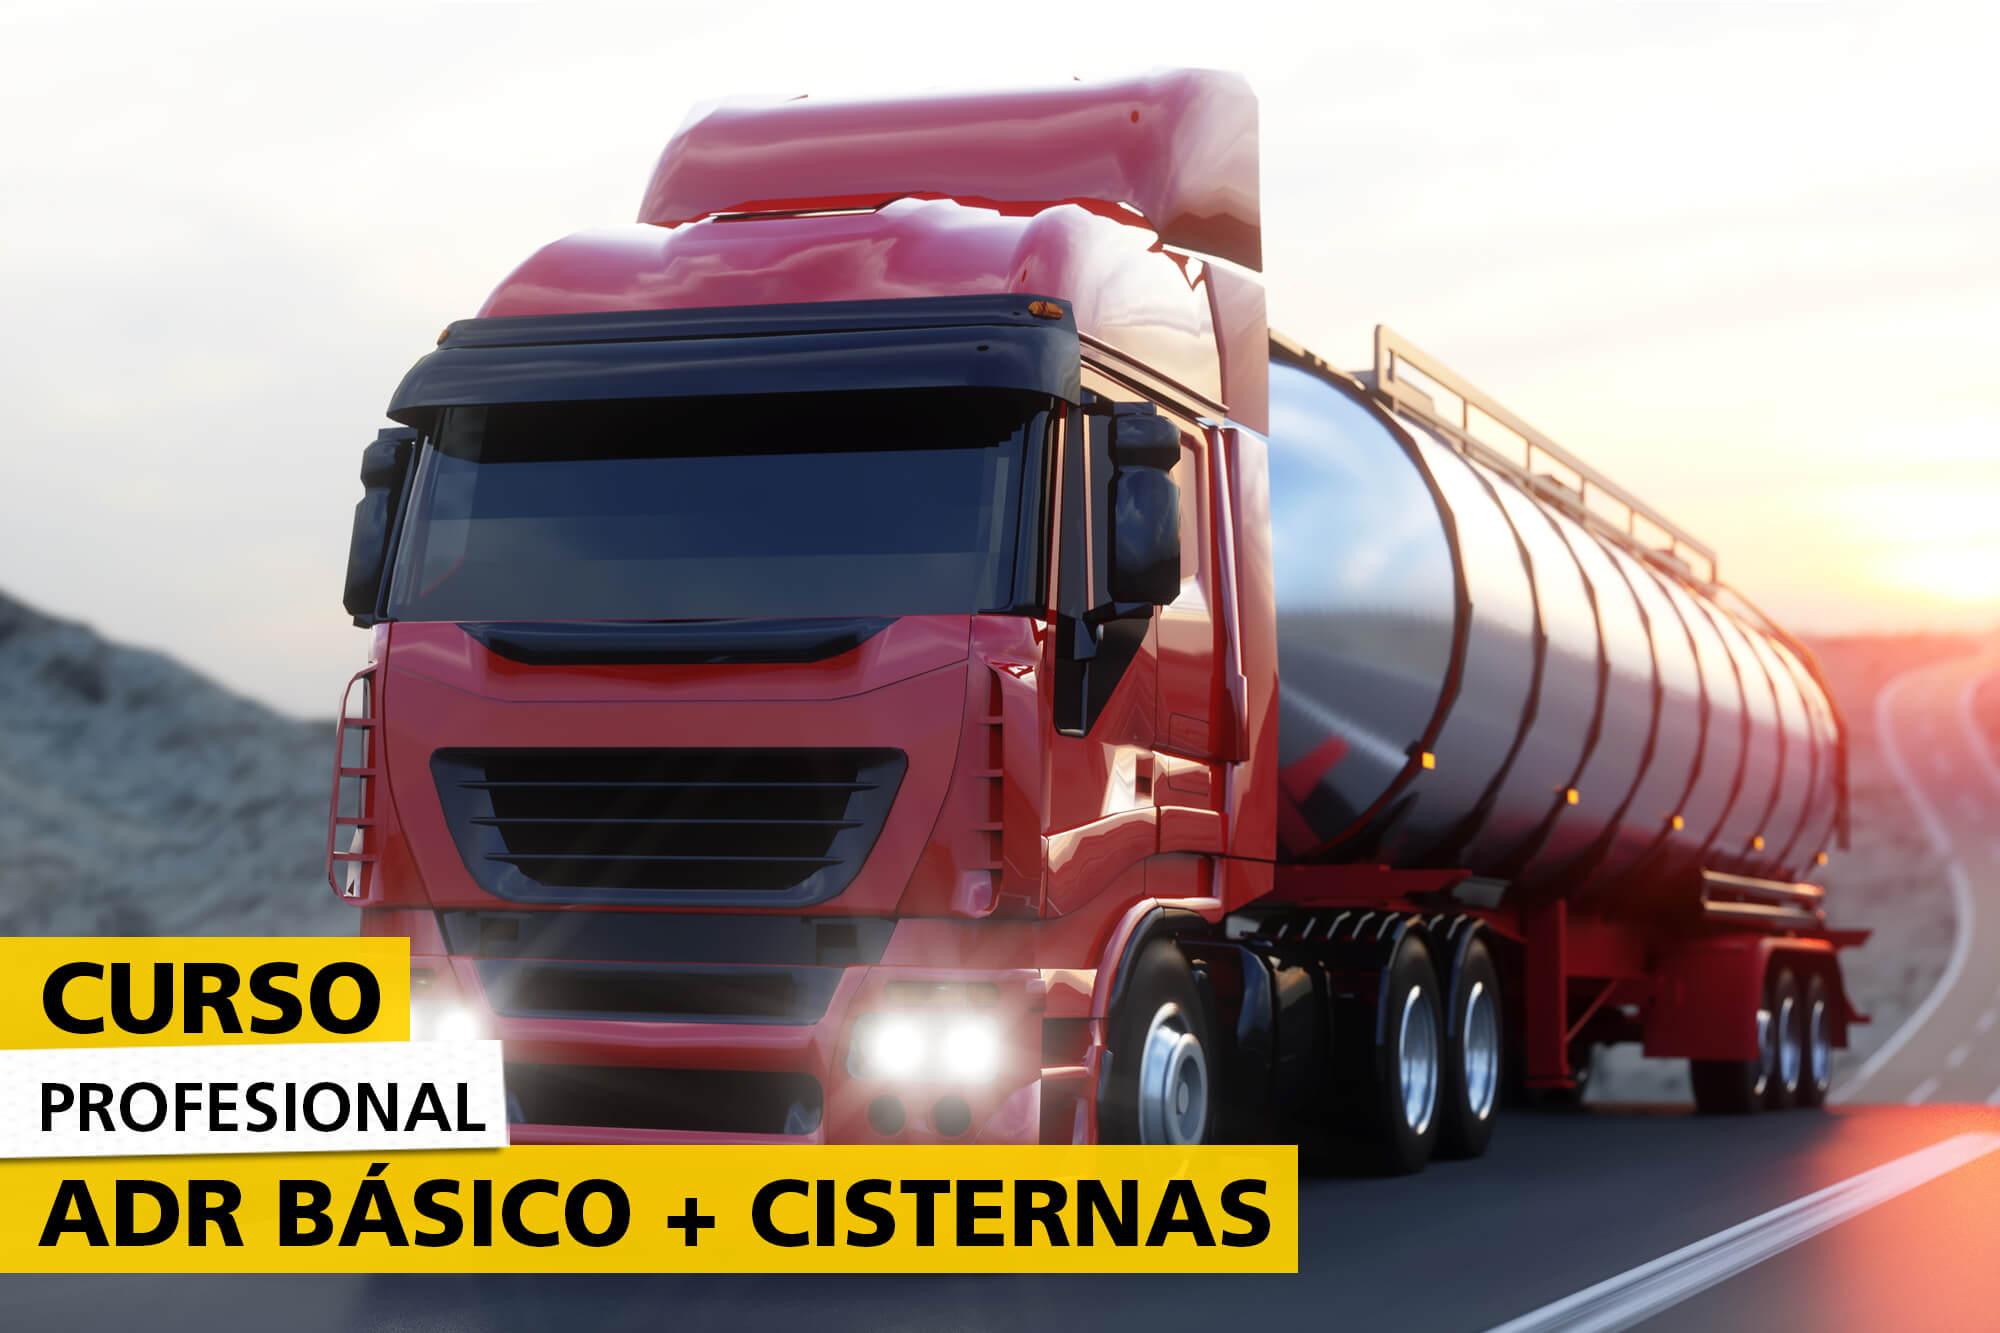 curso-profesional-obtencion-adr-basico-cisternas-img-destacada